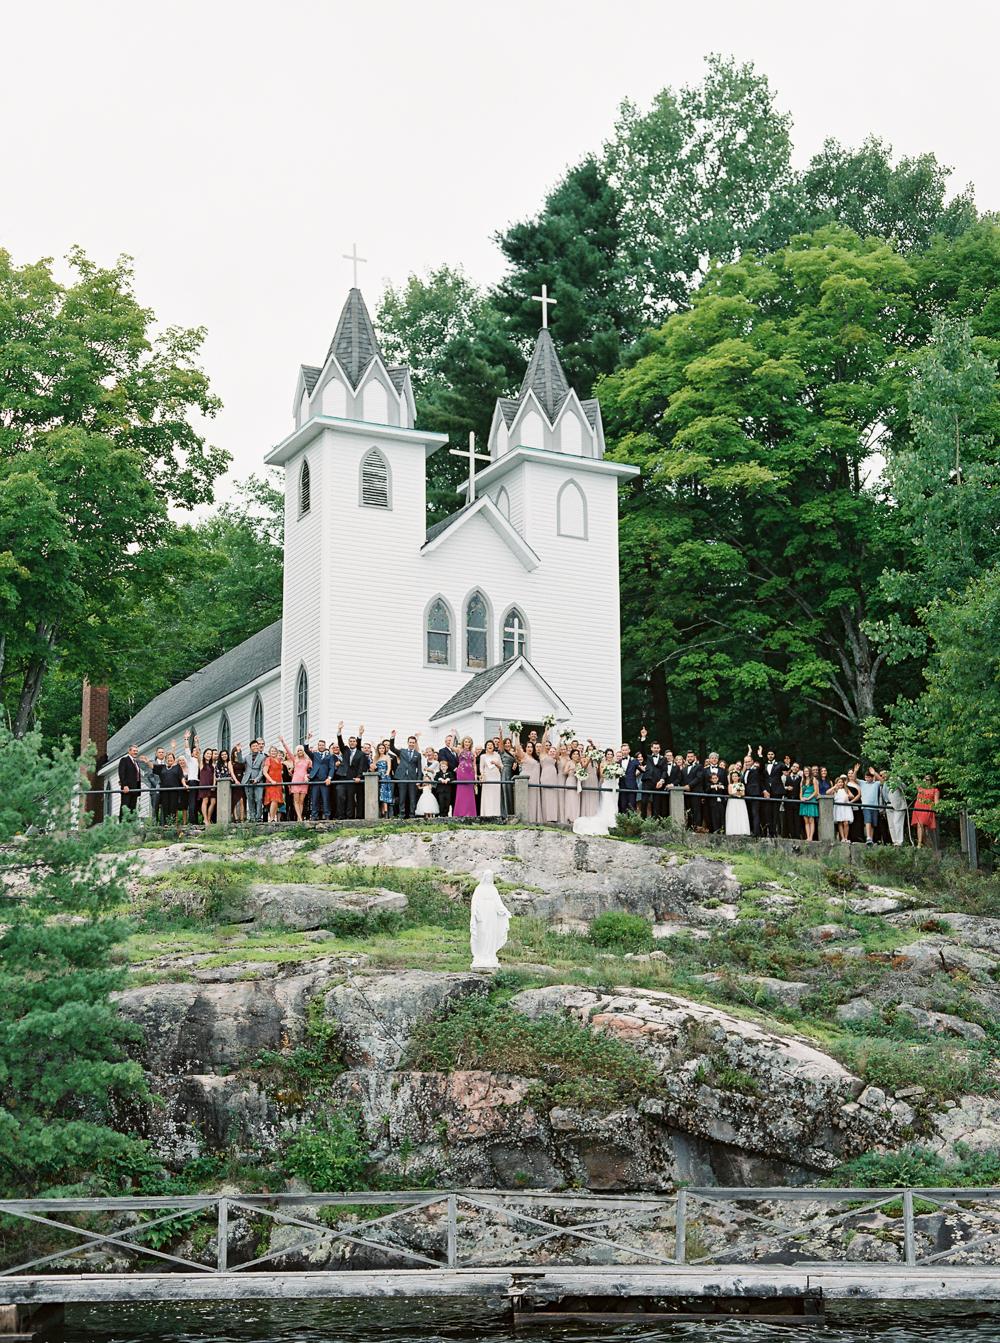 0029-When-He-Found-Her-Muskoka-JW Marriott-The Rosseau-shea-events-sweet-woodruff-canadian-resort-wedding.jpg